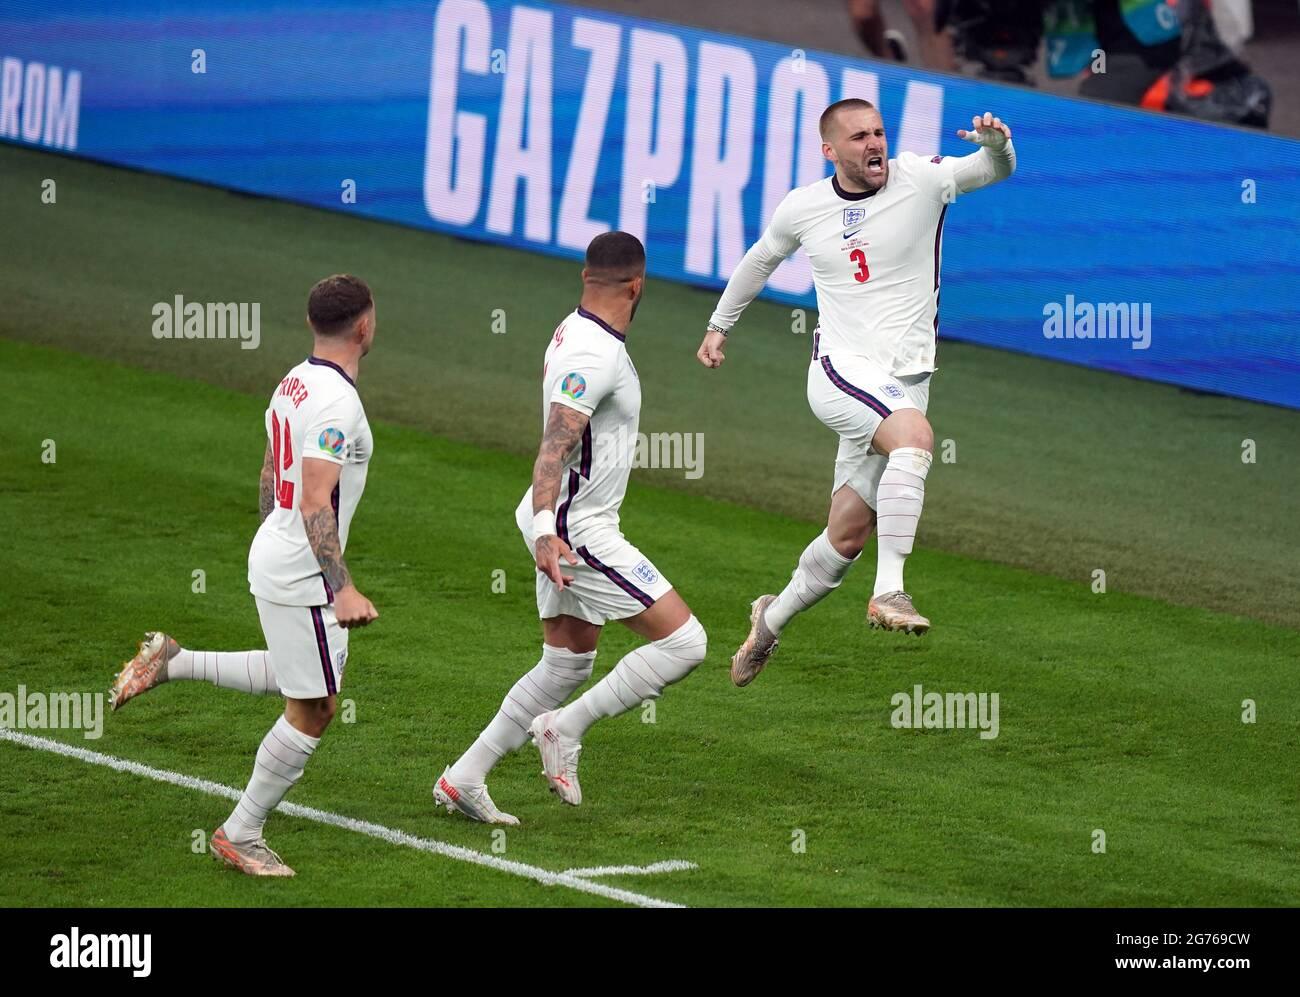 Der englische Fußballnationalmannschaft Luke Shaw feiert das Tor zum Auftakt des UEFA-EM-2020-Finales im Wembley Stadium, London. Bilddatum: Sonntag, 11. Juli 2021. Stockfoto